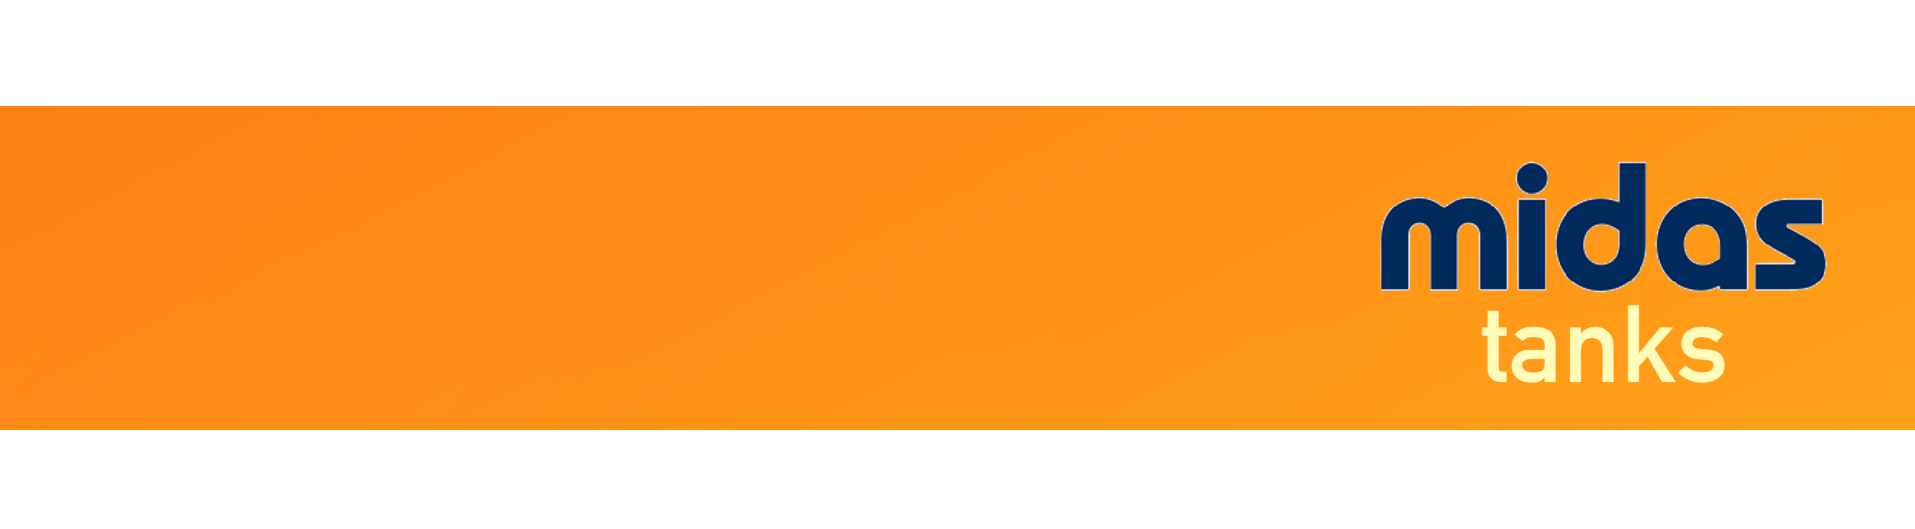 Midas Oil Tanks logo on orange background